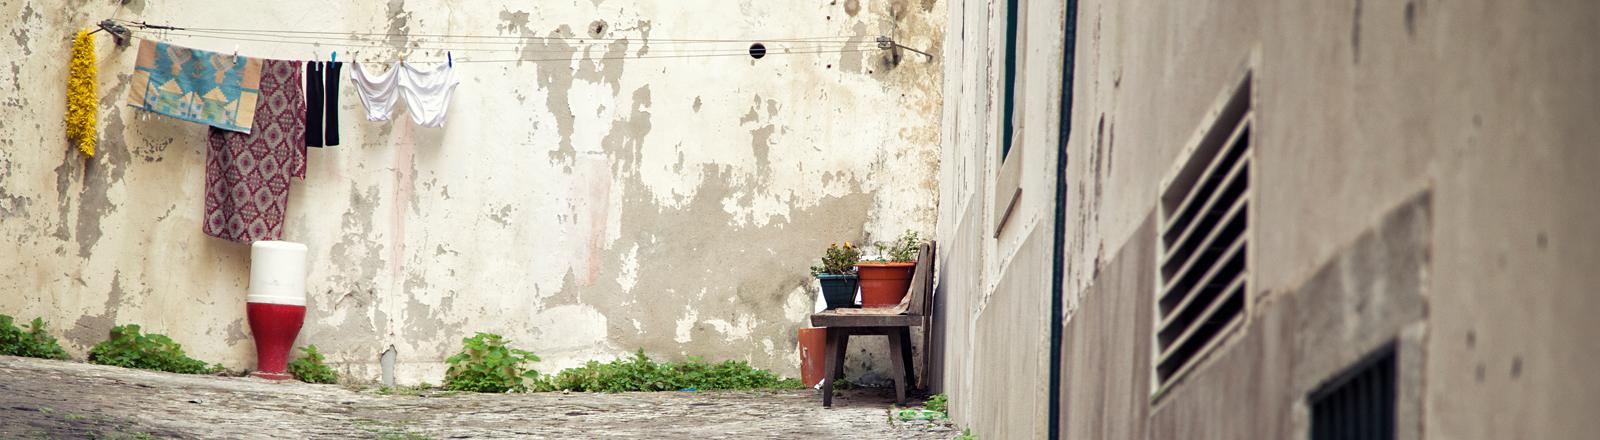 Blick in einen Innenhof. Rechts steht eine Bank mit Blumenkübeln darauf. An der hinteren Wand trocknet Wäsche auf einer Wäscheleine.